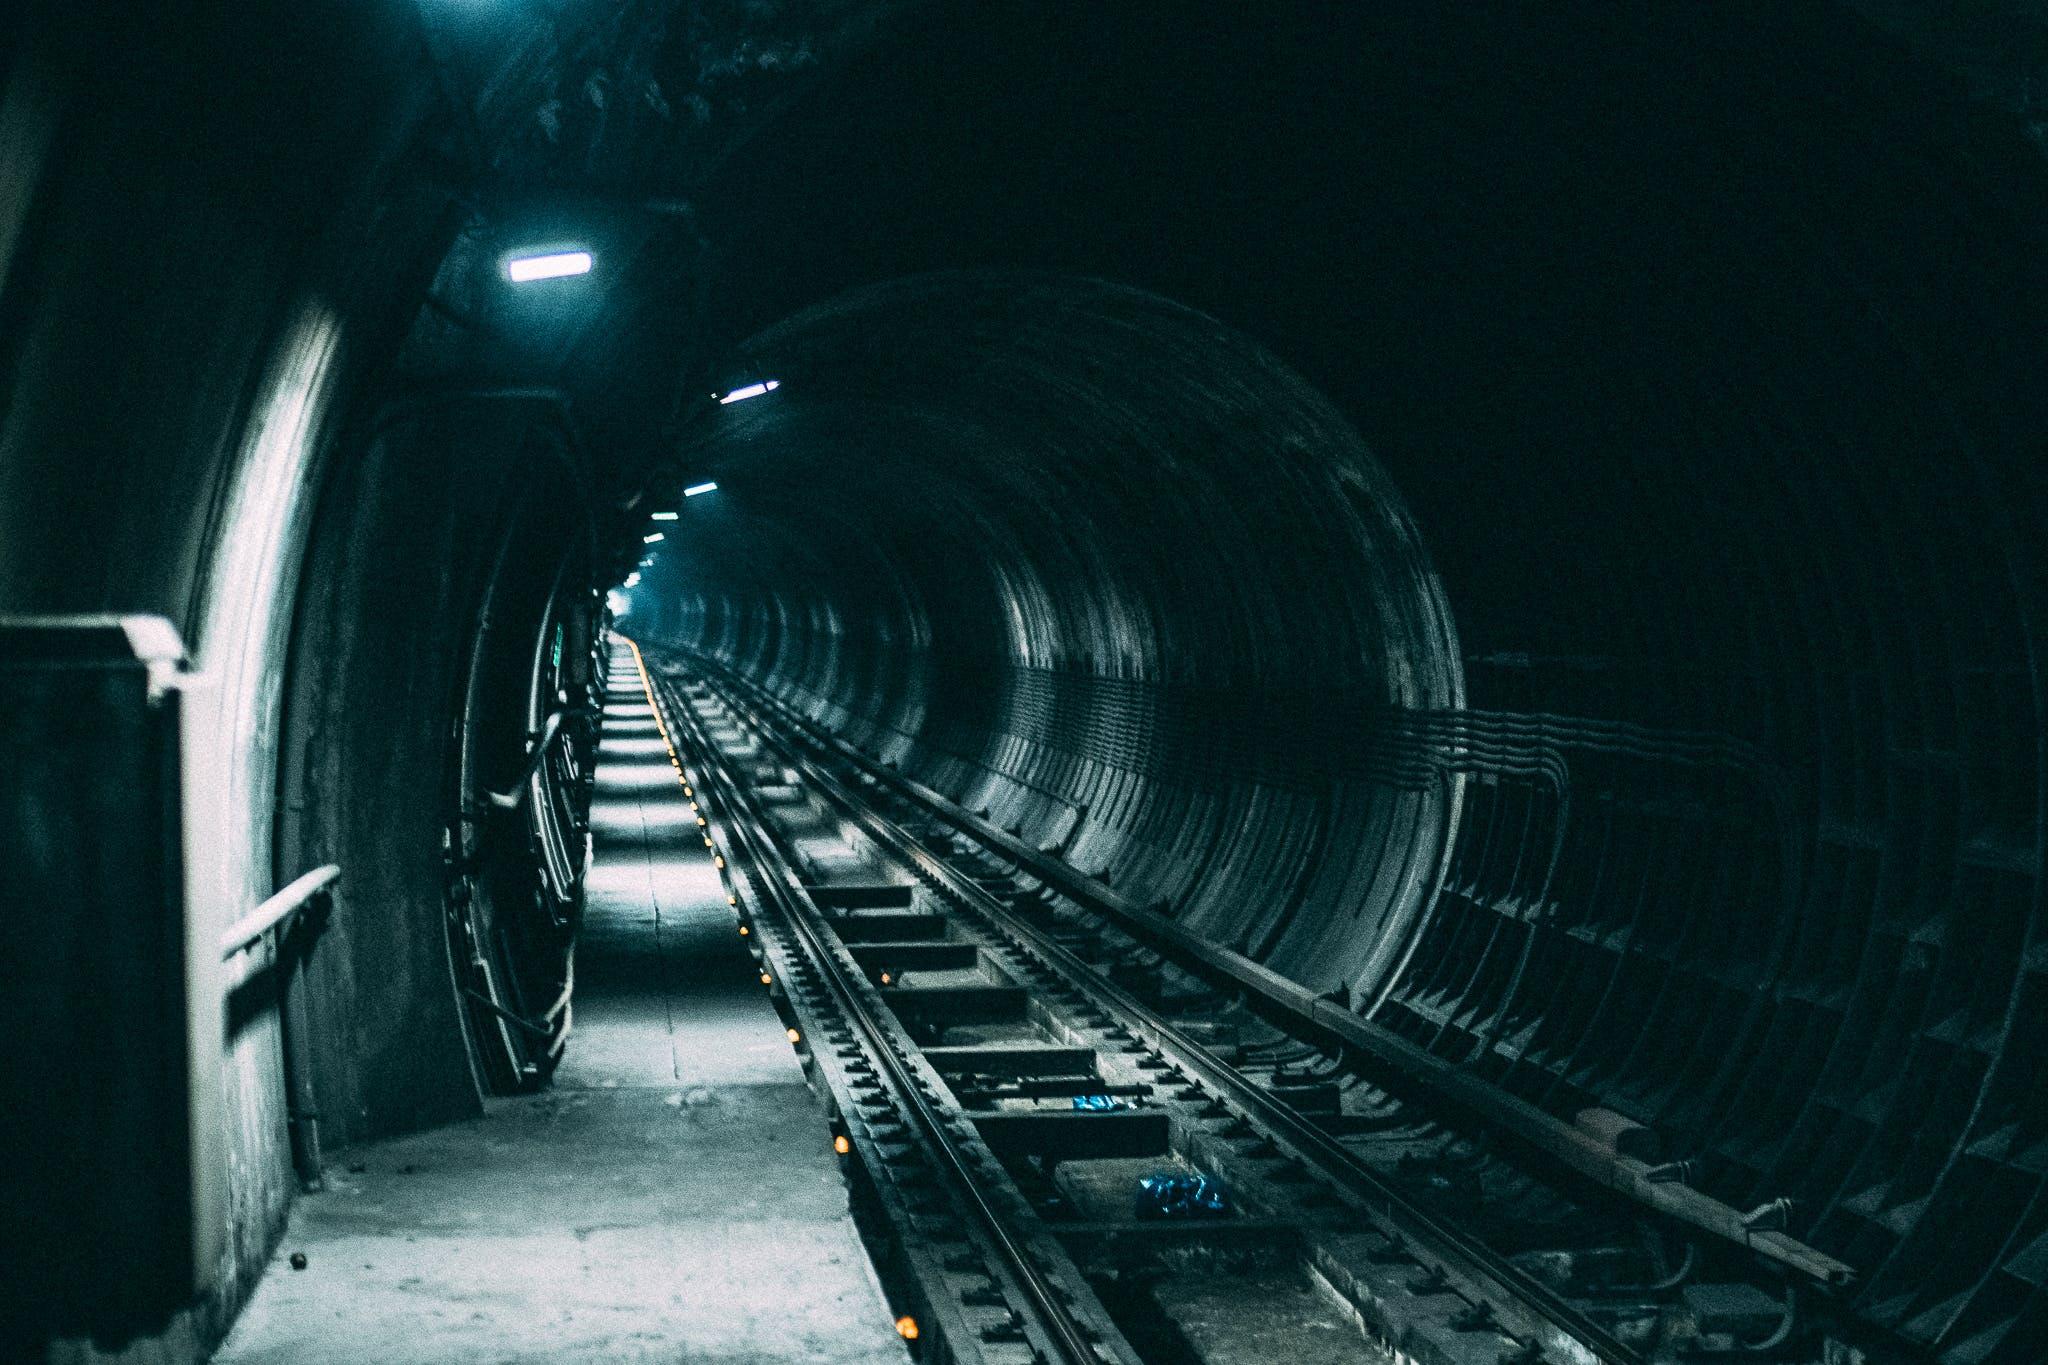 Gratis lagerfoto af jernbane, mørk, togbane, tunnel